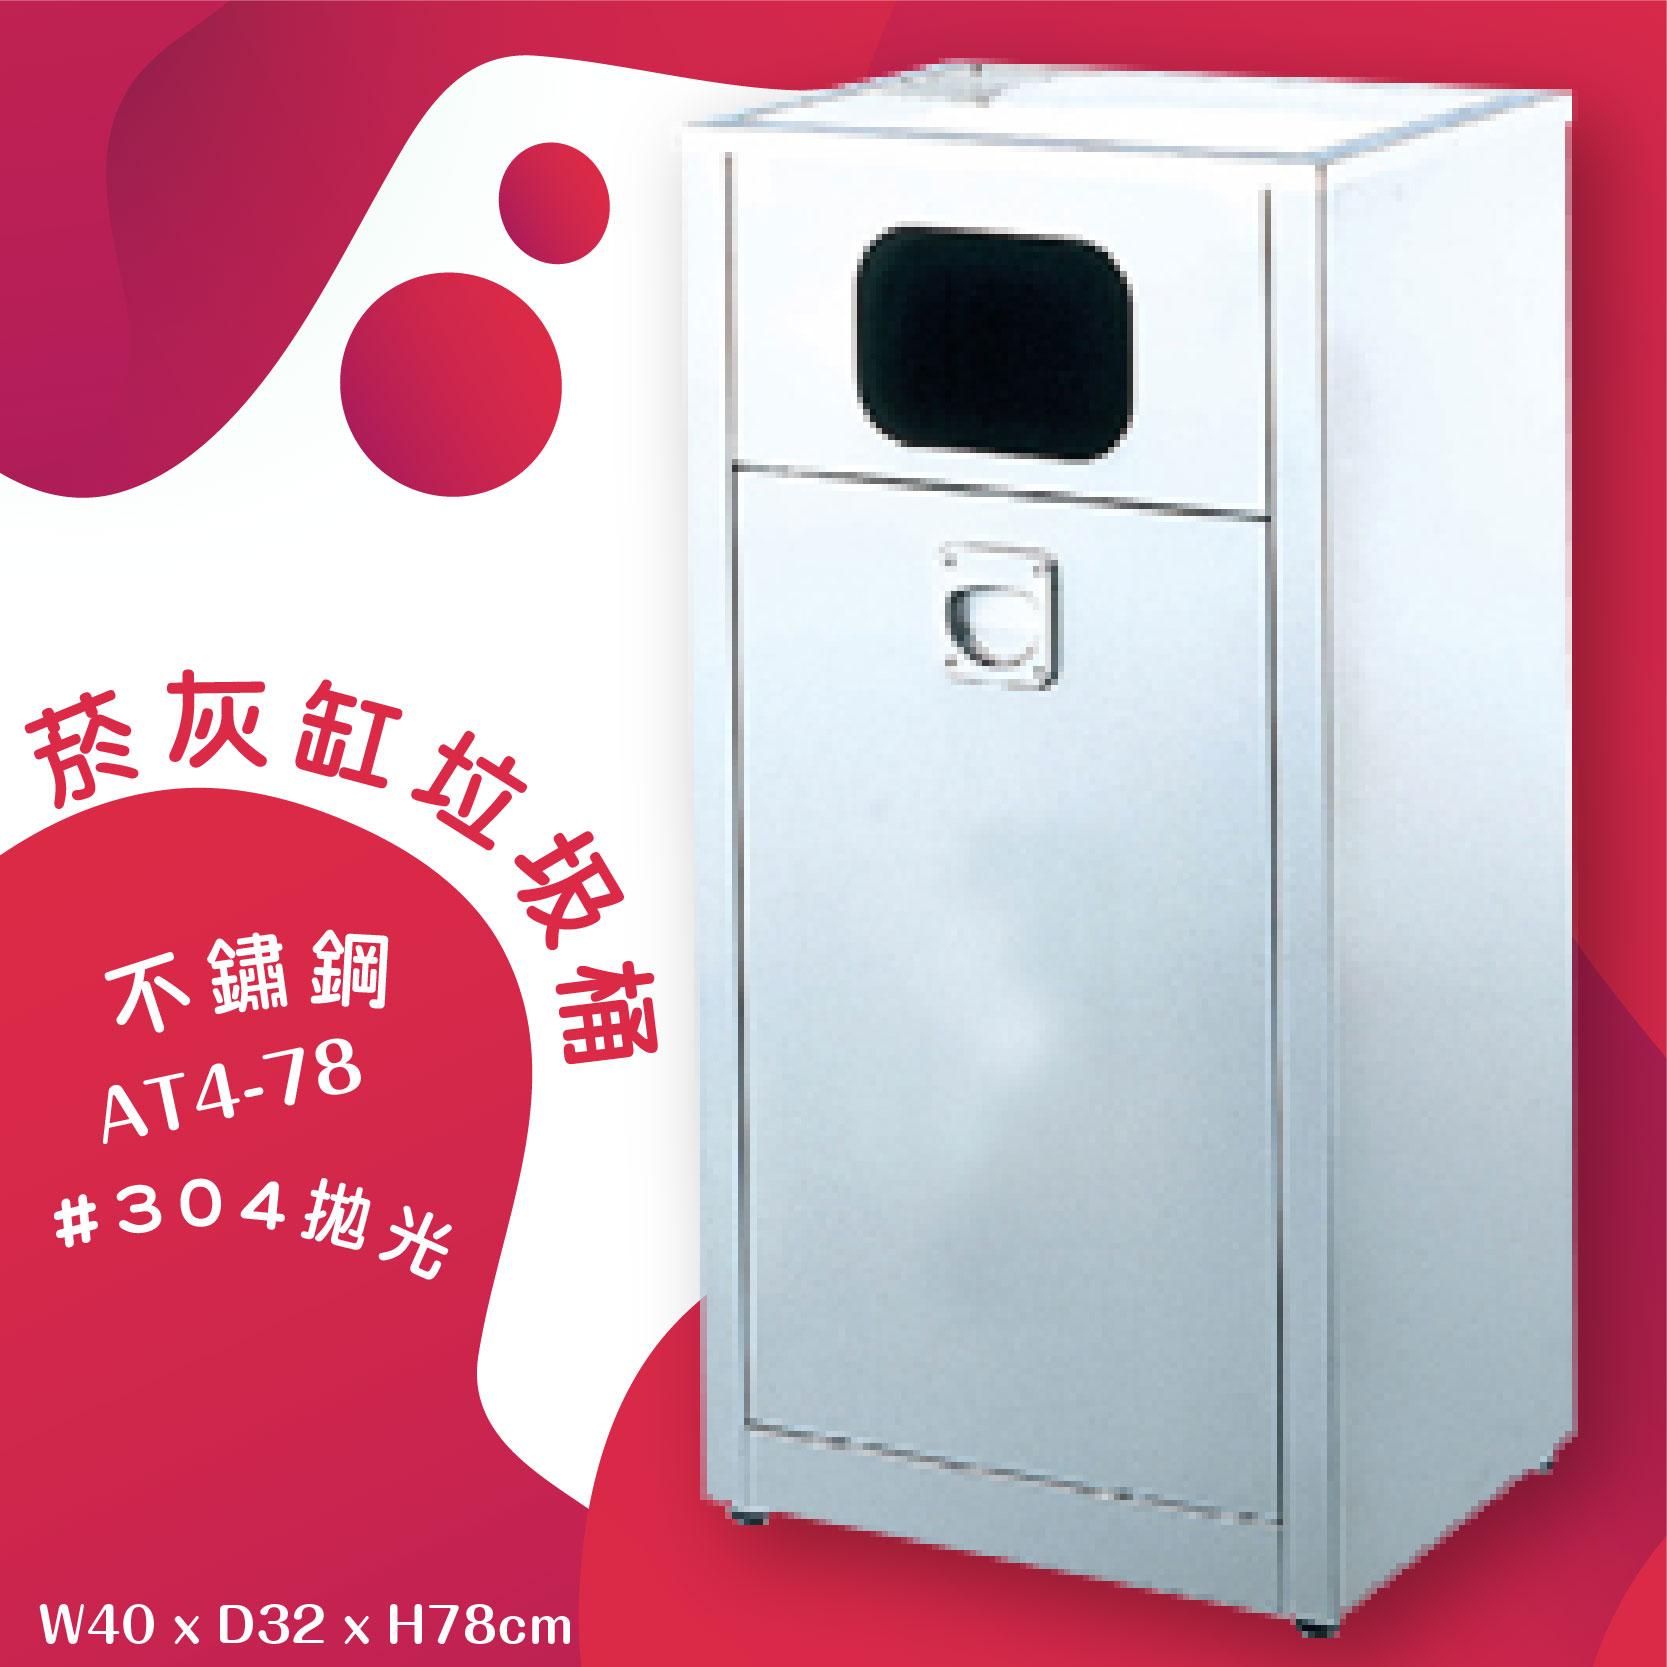 AT4-78 不鏽鋼菸灰缸垃圾桶 垃圾桶 吸菸區 菸灰缸 公共菸灰缸 公共設施